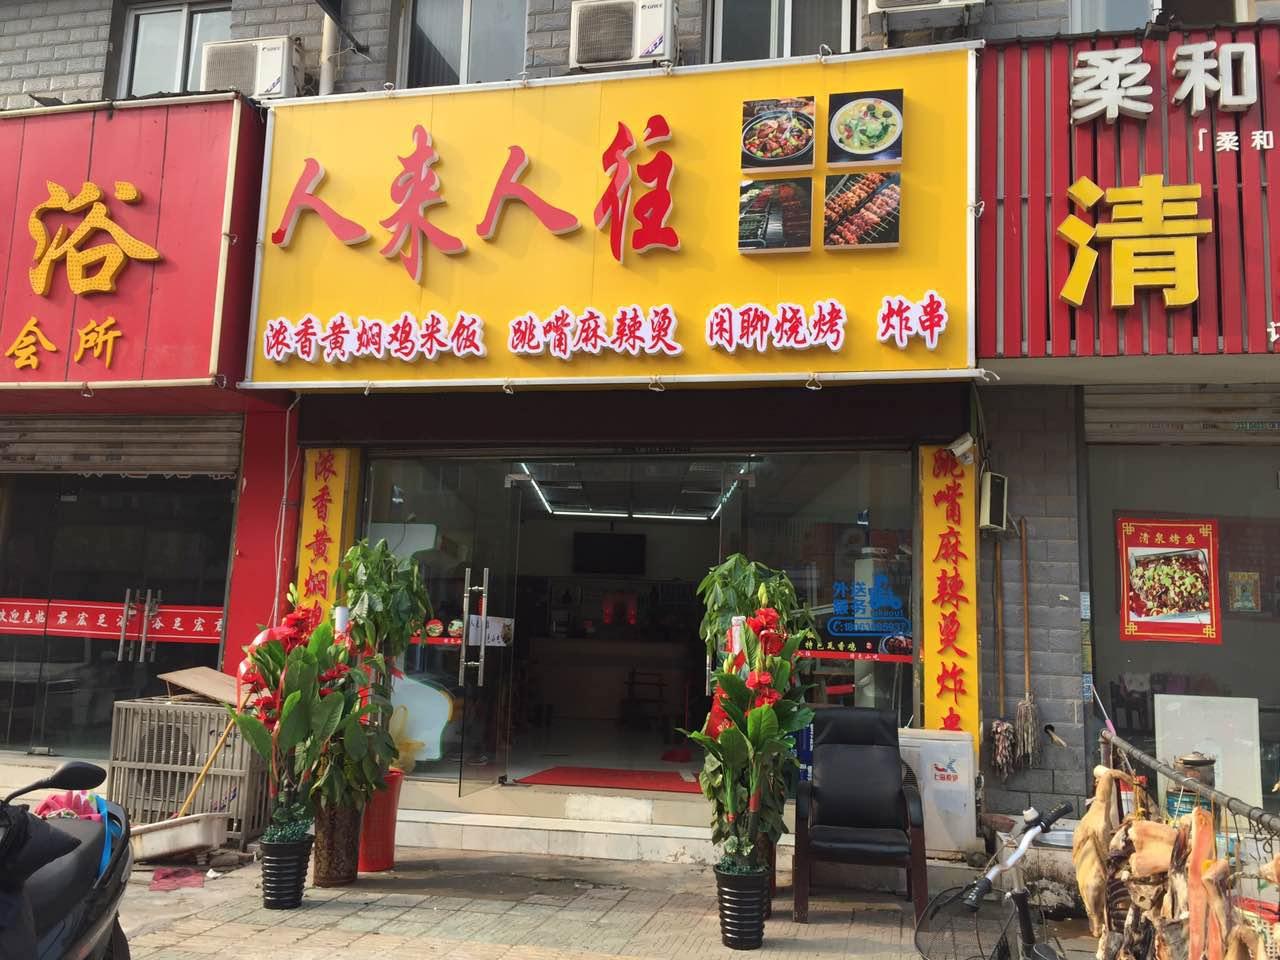 宣城香江怡廷商务宾馆